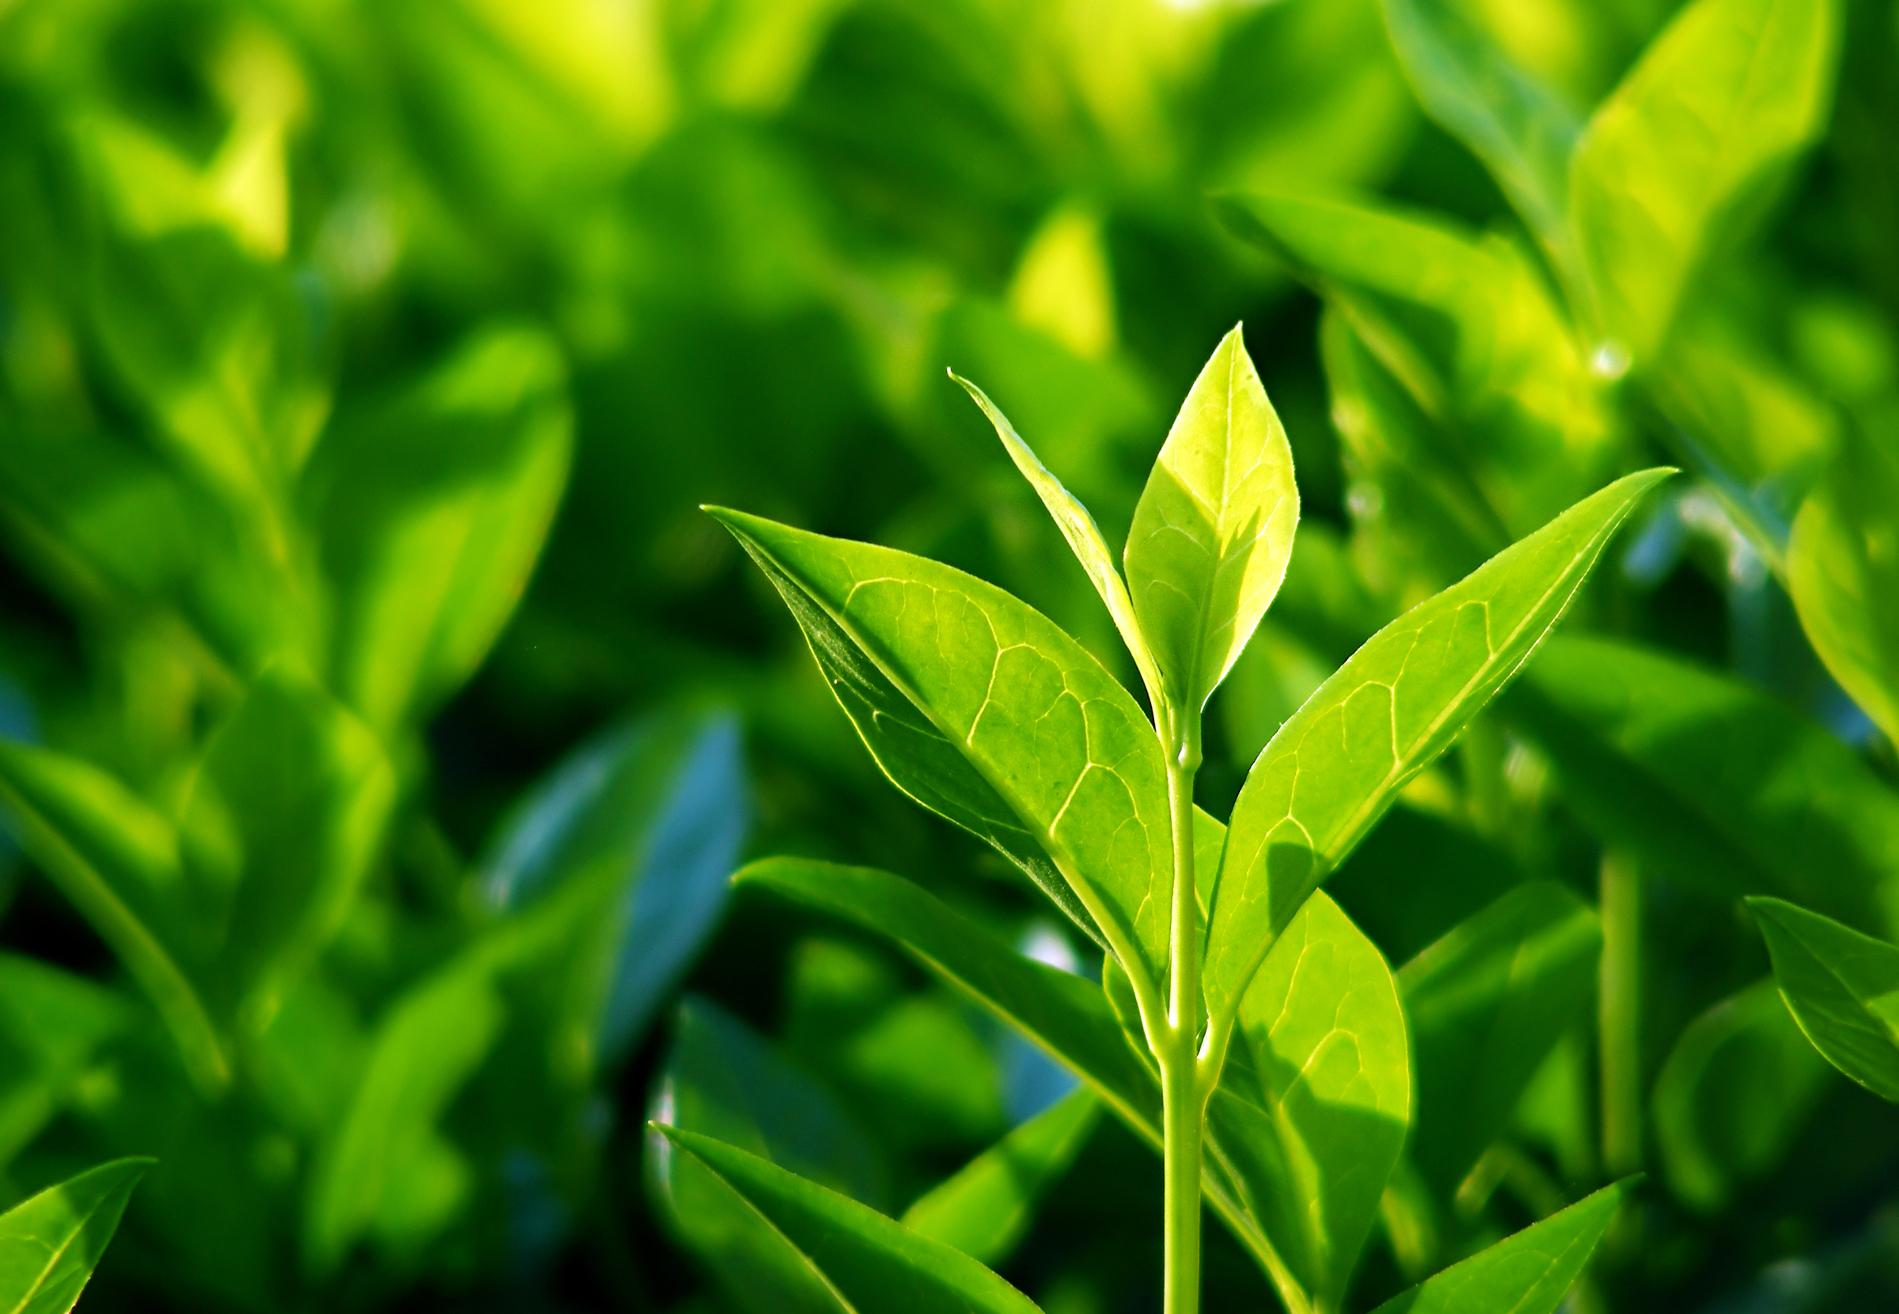 Le thé vert, l'ingrédient cosmétique so zen